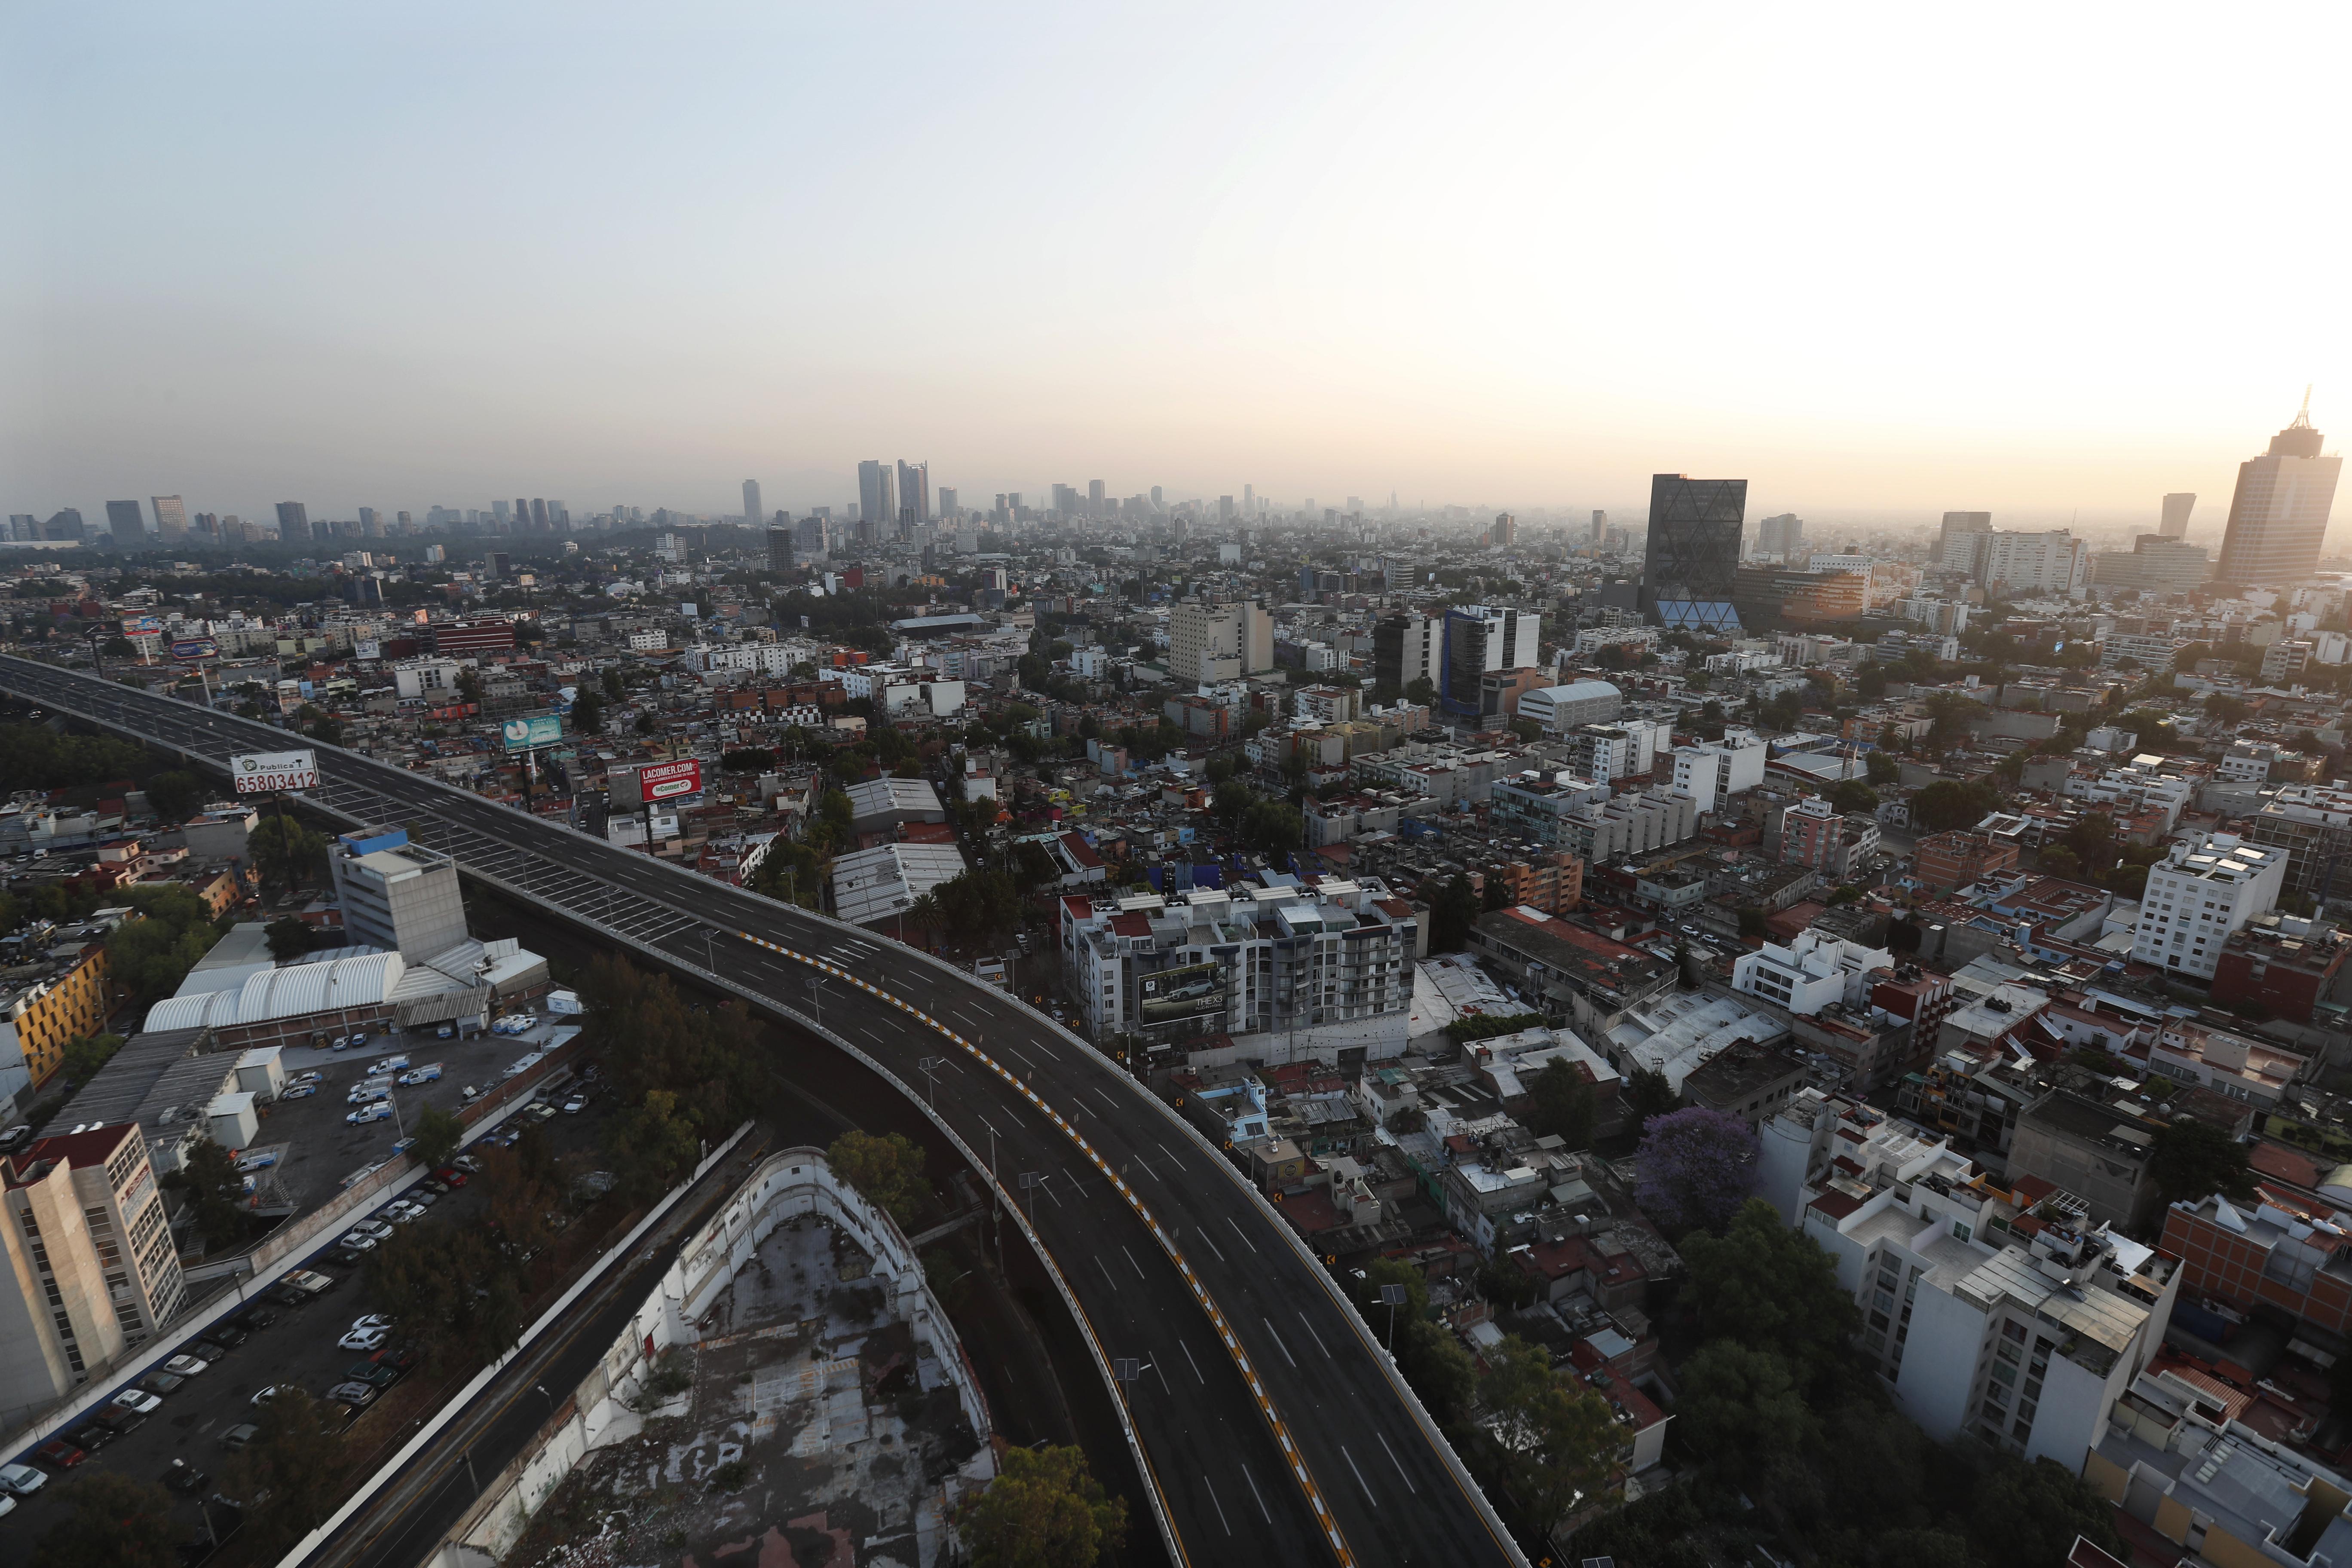 Una carretera principal sin tráfico en la Ciudad de México, el domingo 22 de marzo de 2020.